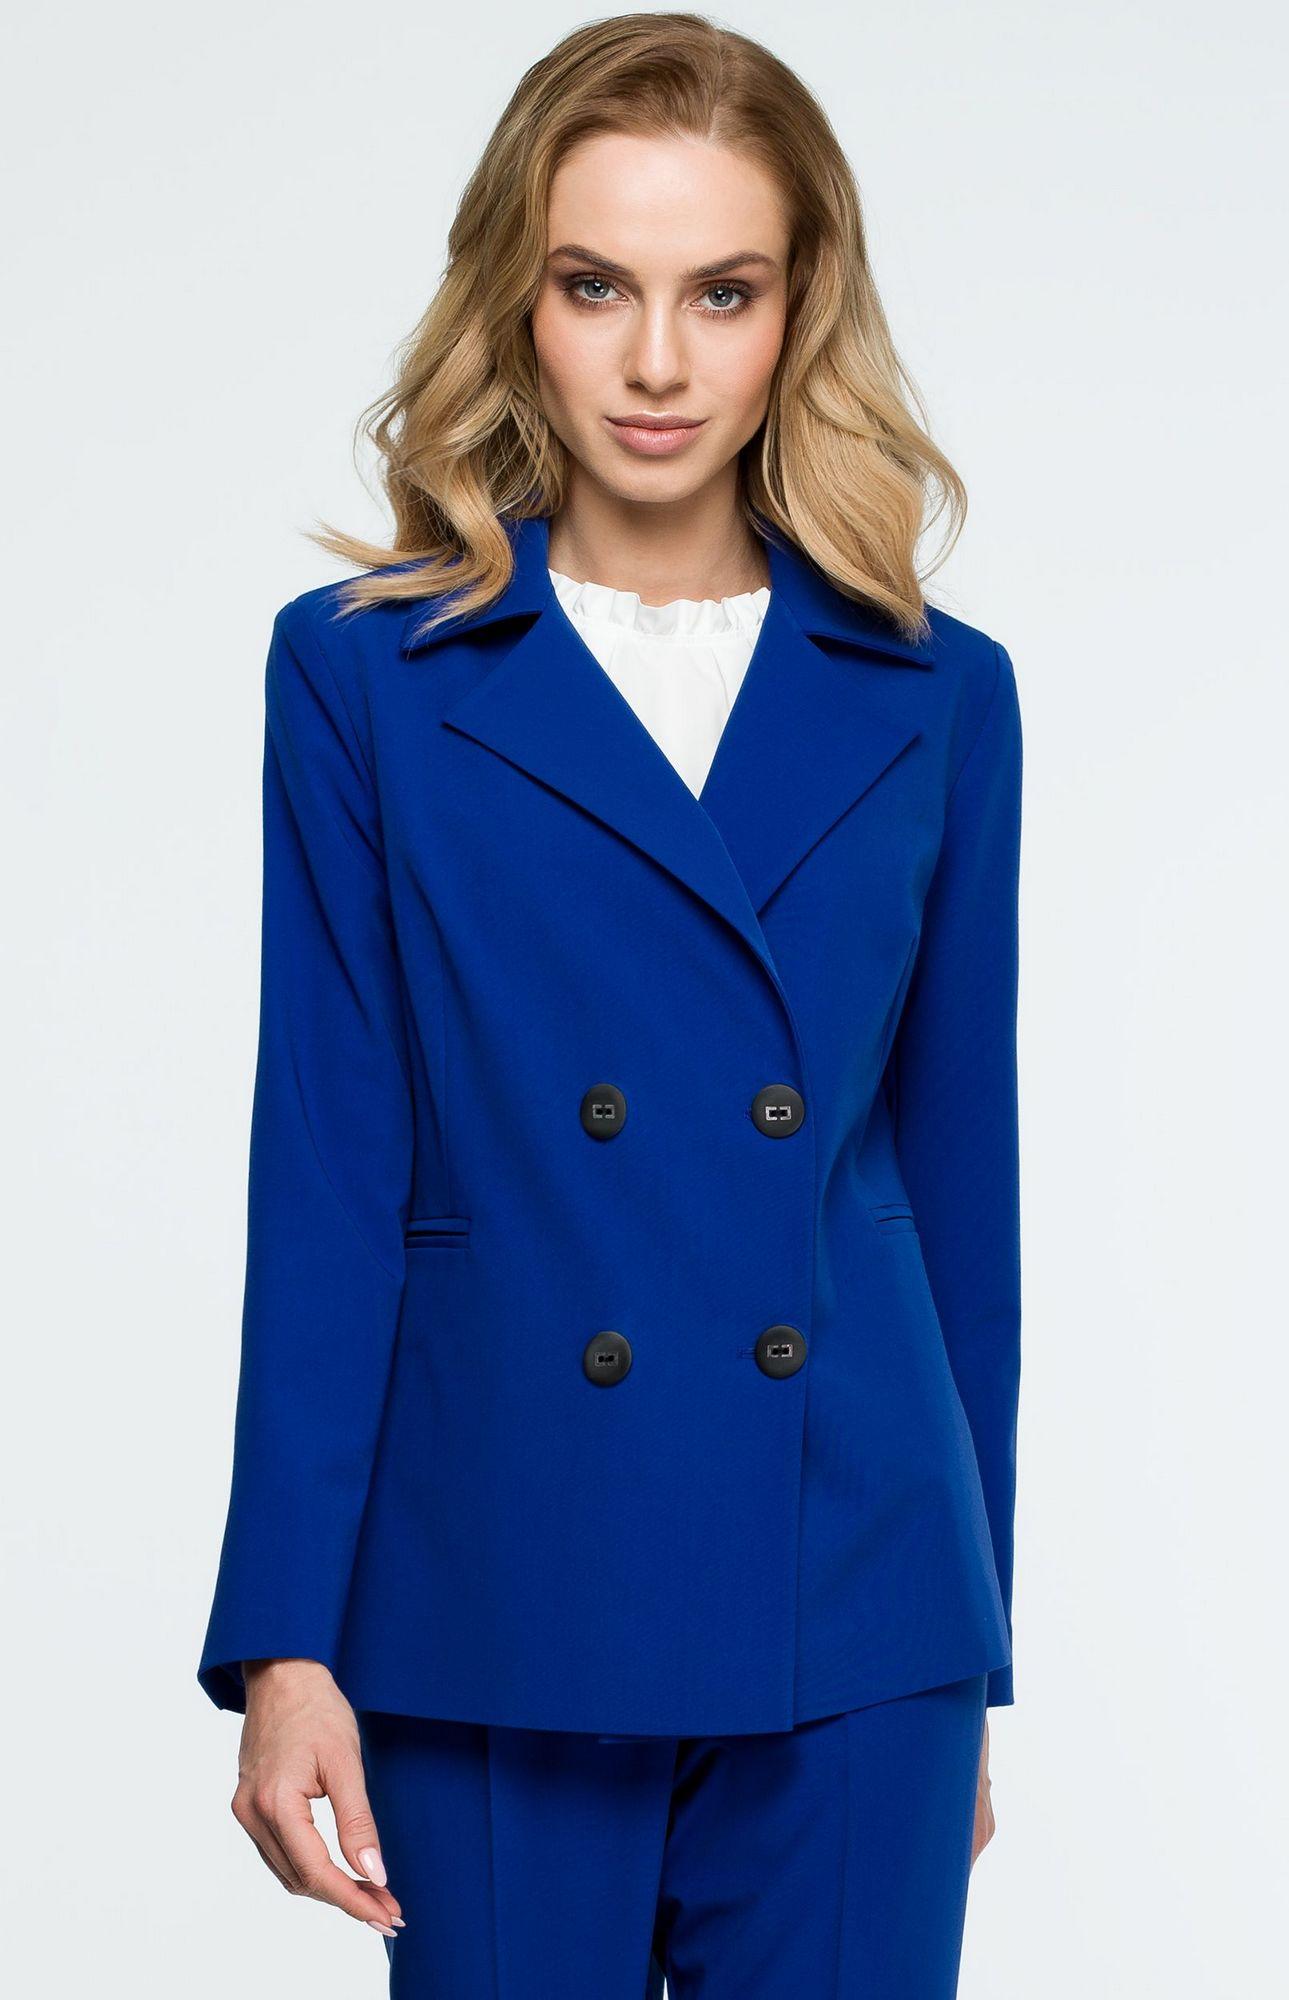 Veste bleue femme